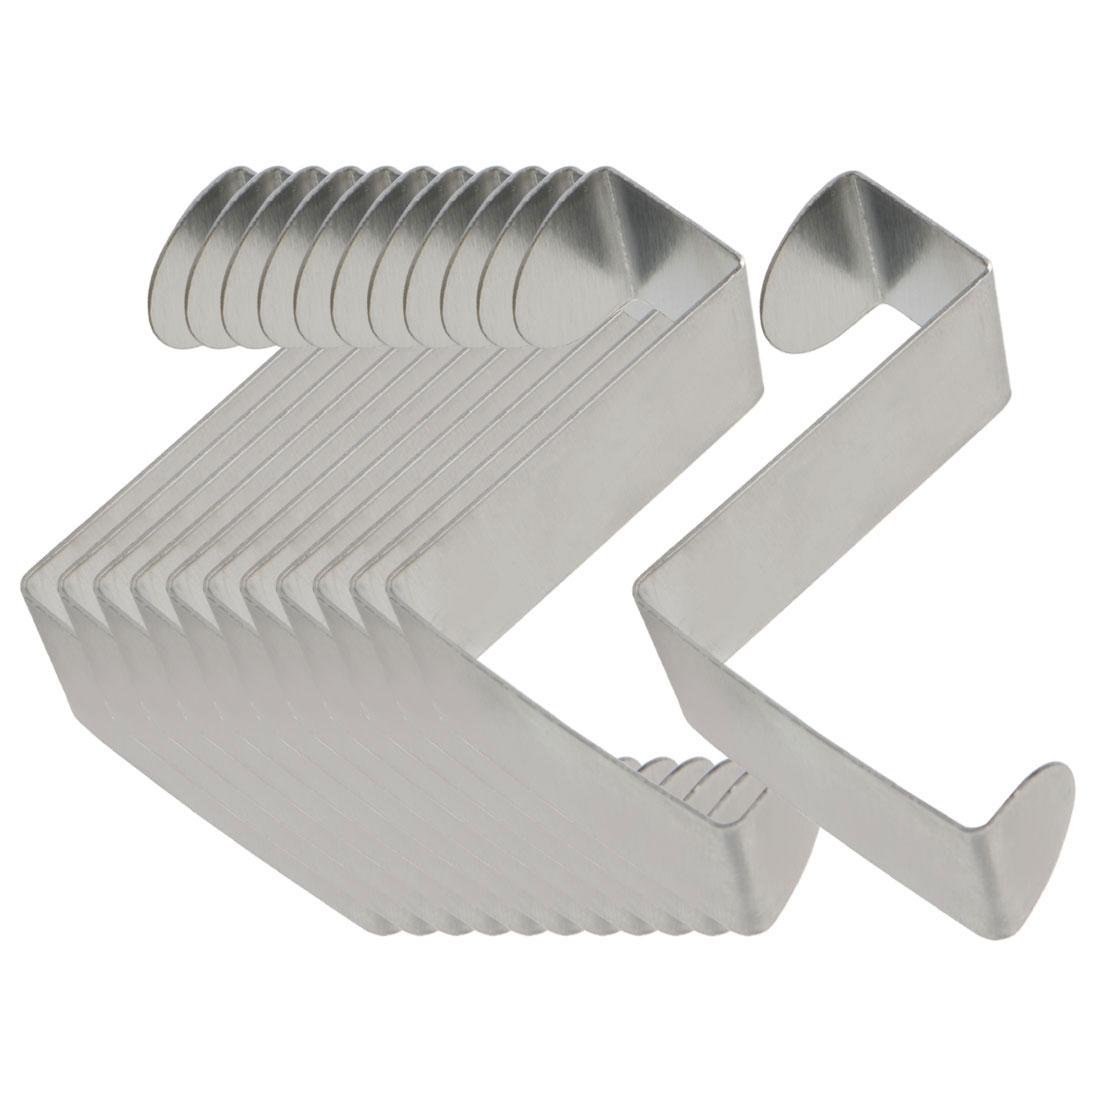 12pcs Z Shaped Hook Stainless Steel for Kitchenware Pot Utensil Coat Holder